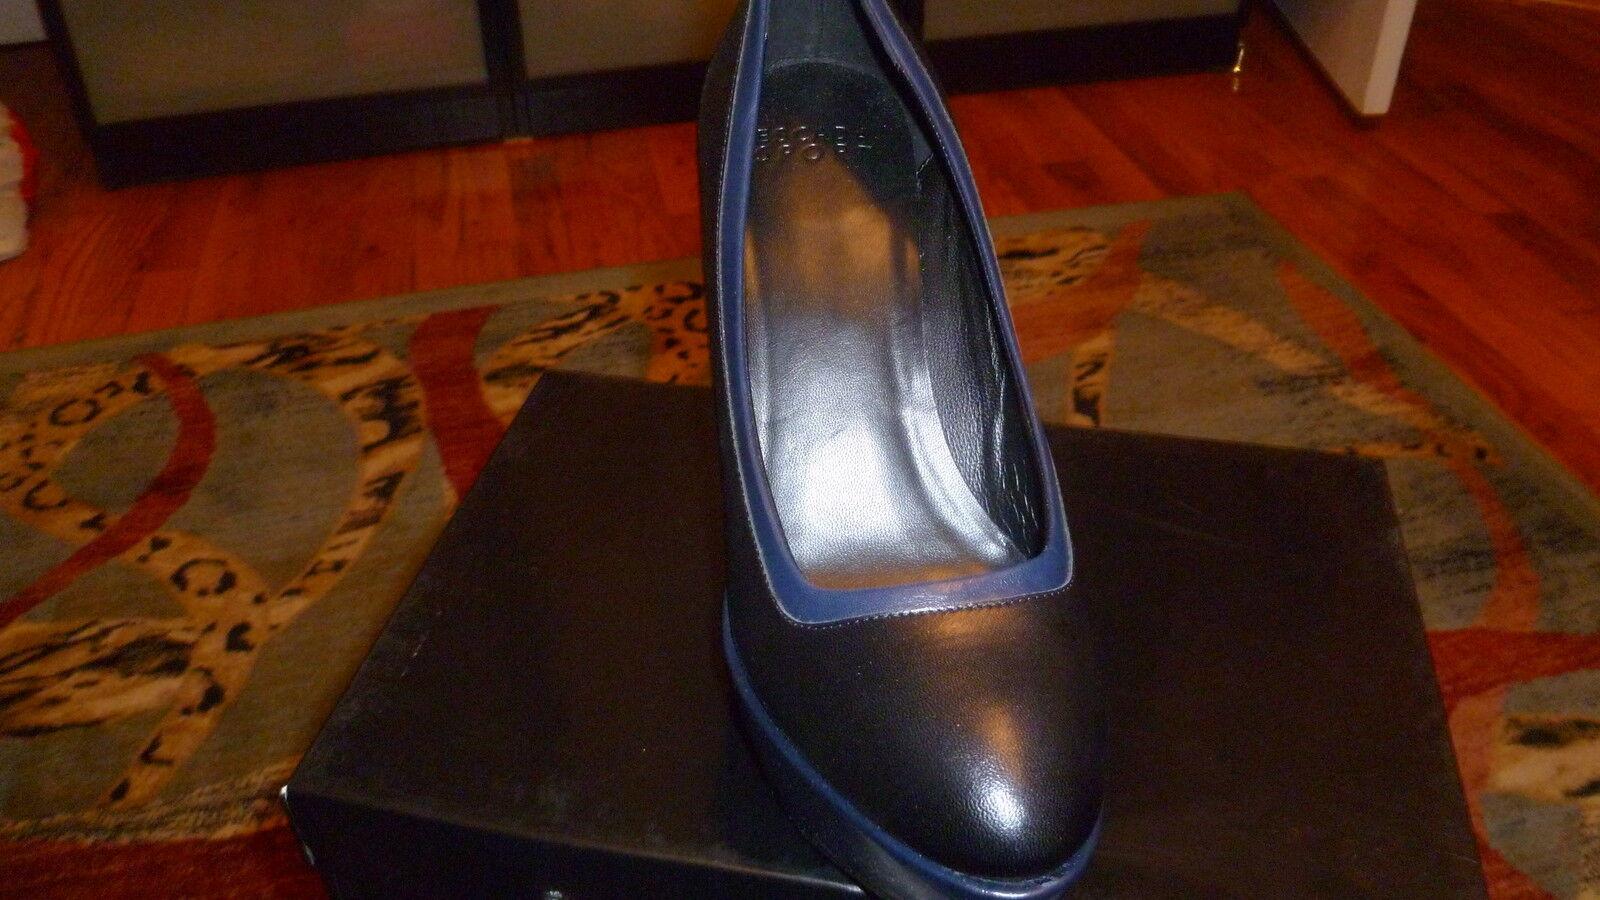 Nuevo En Caja Escada Sport Tacón Alto Plataforma Cuñas De Talla Cuero Negro Zapatos Talla De 40 EE. UU. 10. c439c1